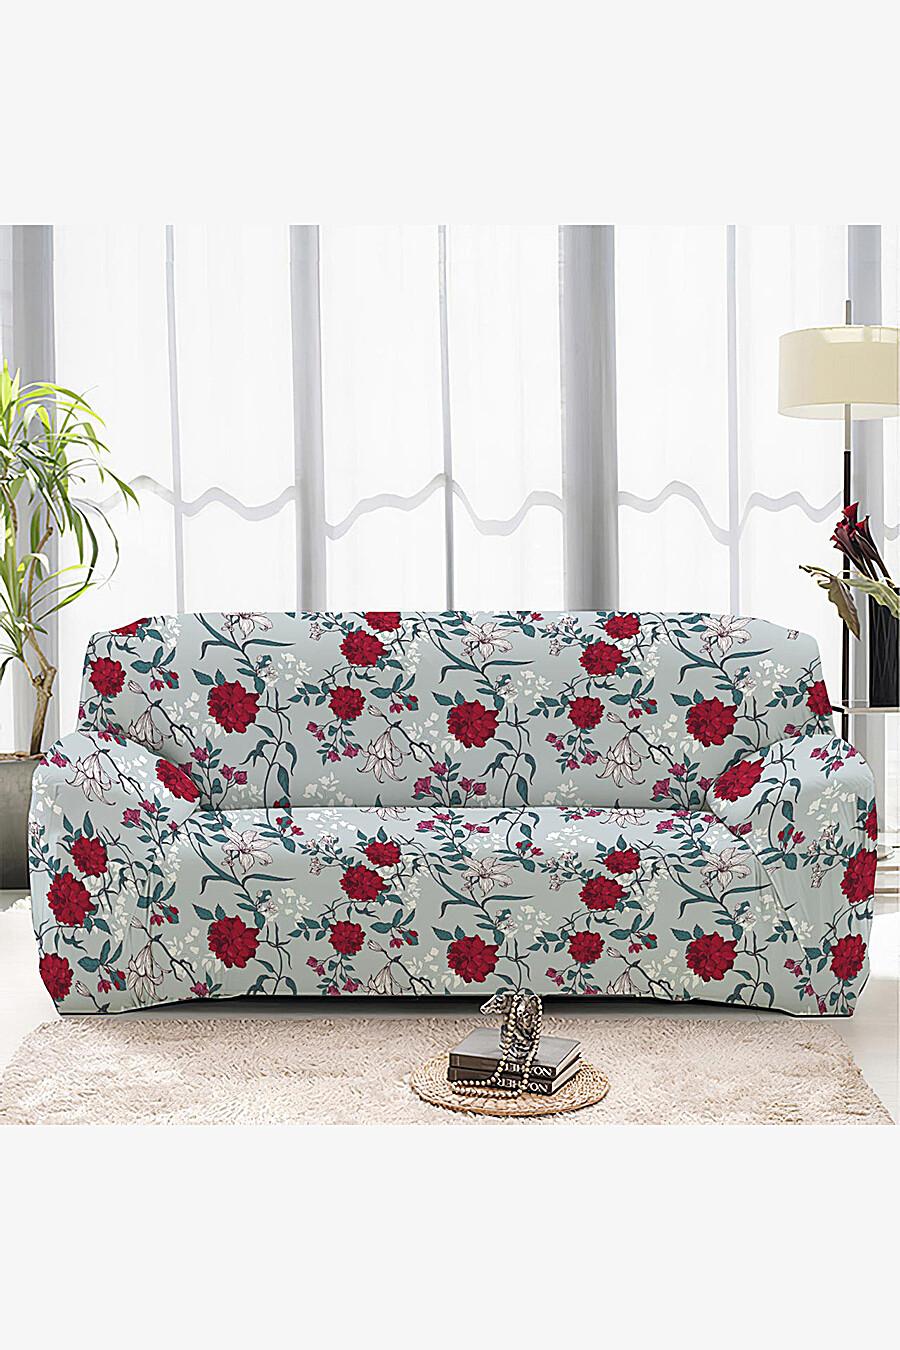 Чехол на диван для дома ART HOME TEXTILE 162918 купить оптом от производителя. Совместная покупка товаров для дома в OptMoyo